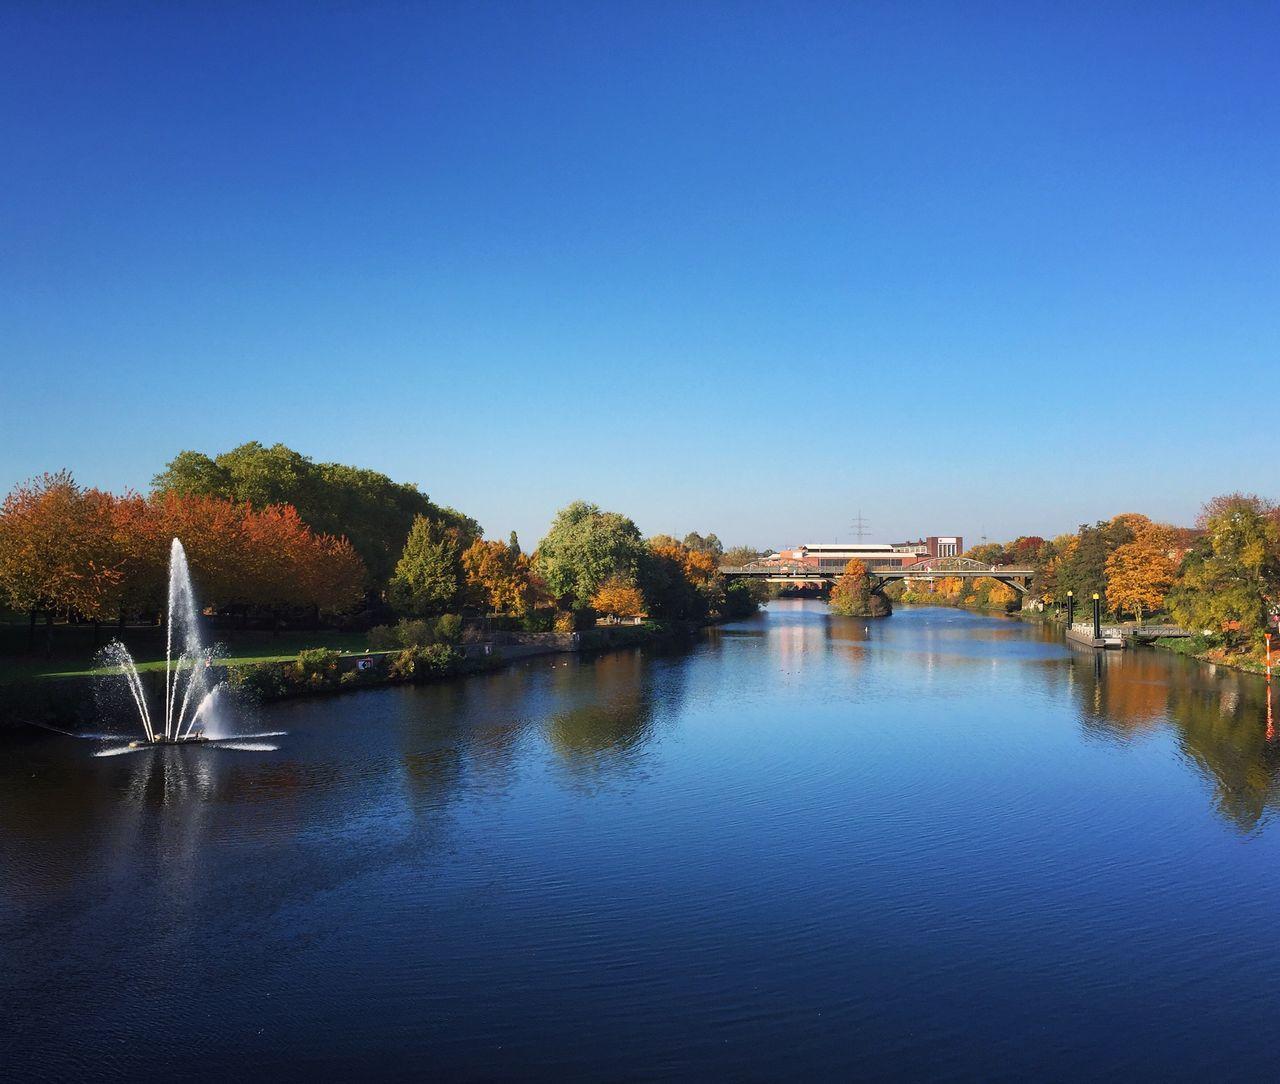 Mülheim An Der Ruhr Ruhrgebiet Ruhrpott Autumn Autumn Colors River Fountain Nature Nature_collection Fall